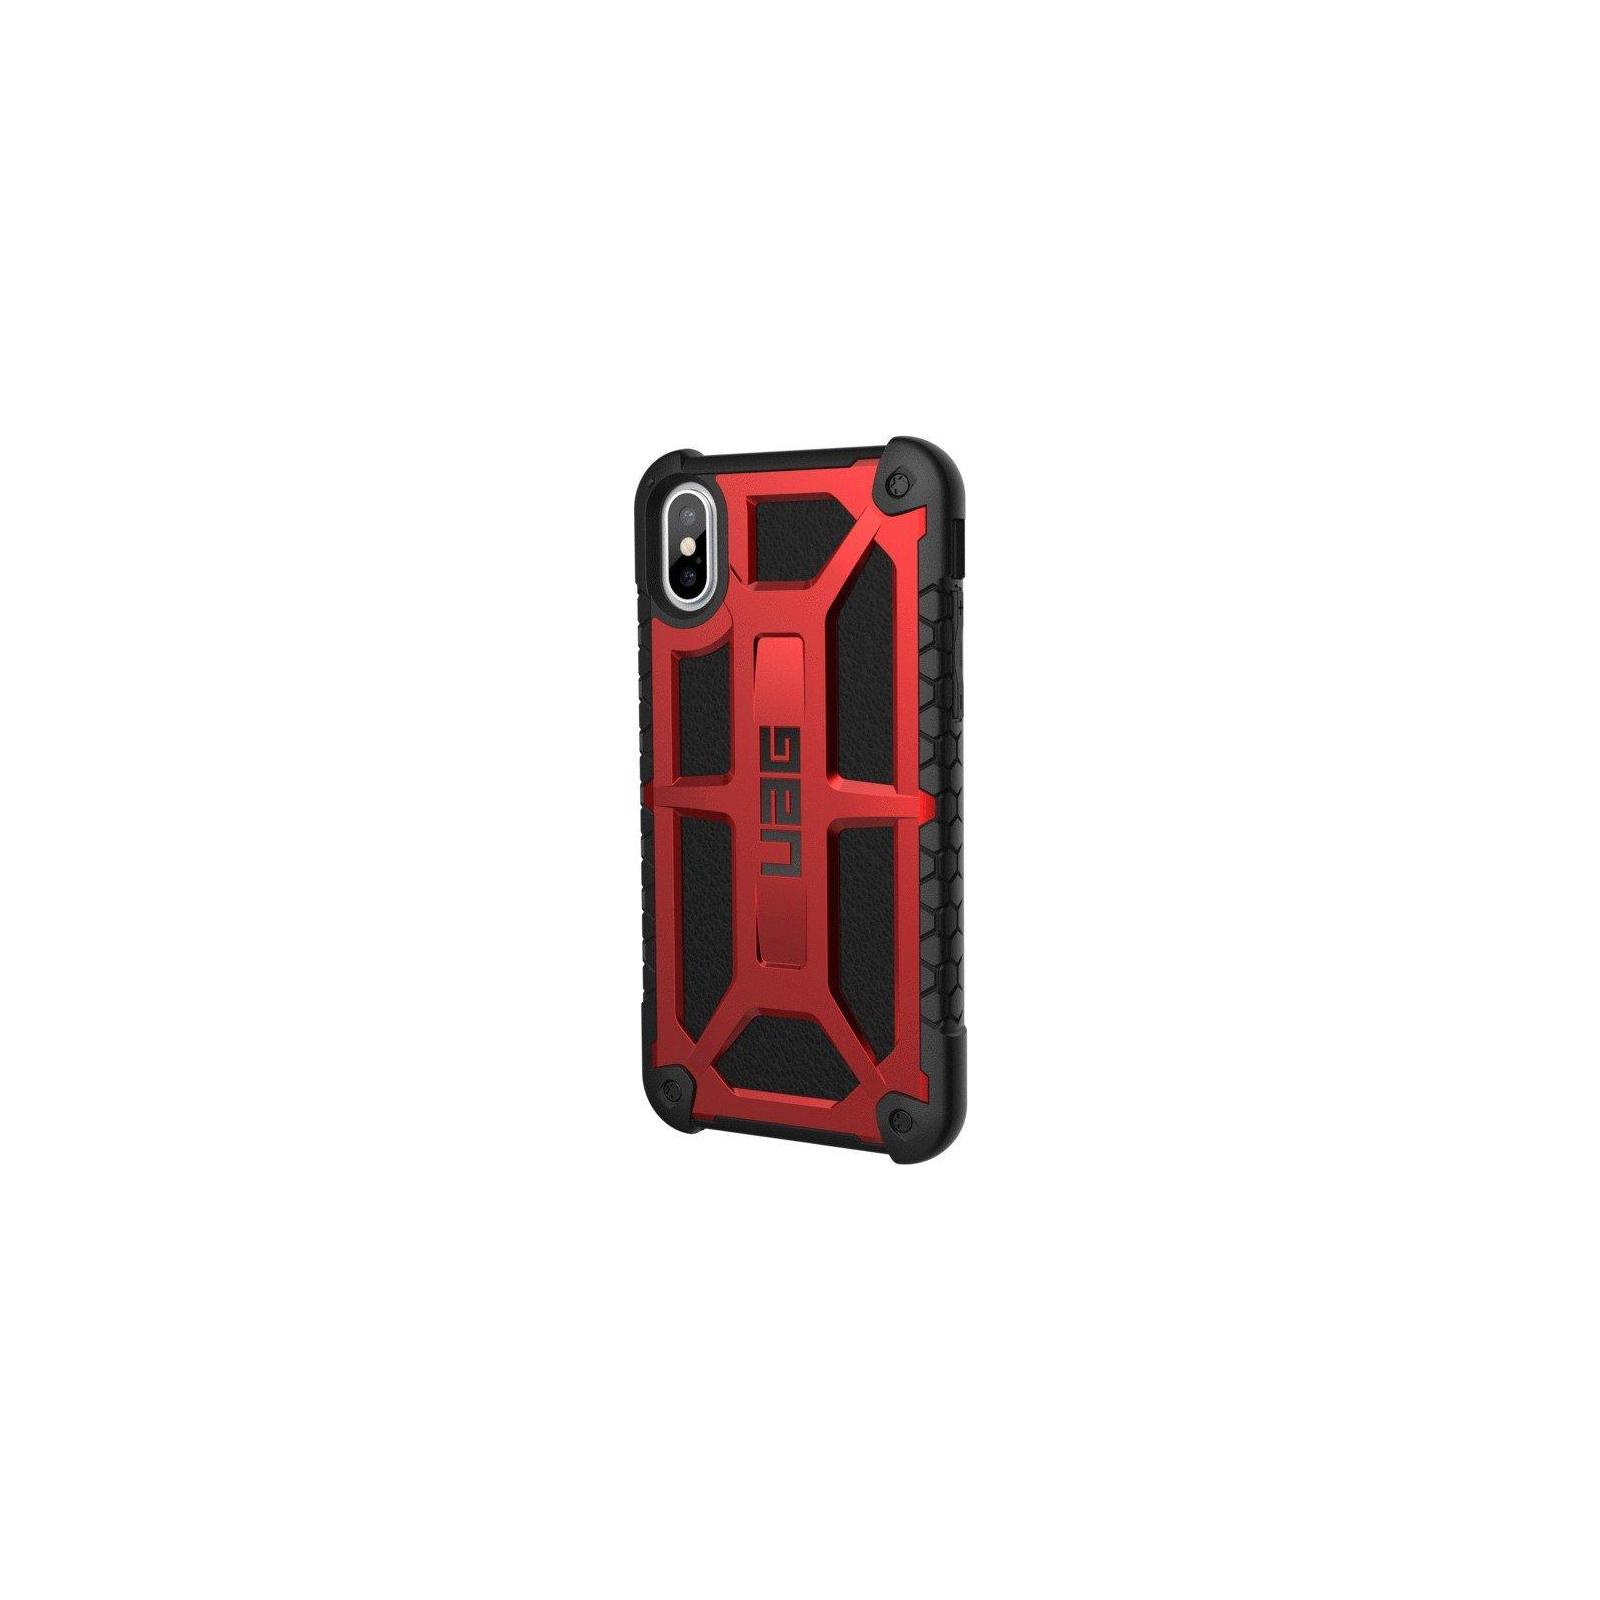 Чехол для моб. телефона Urban Armor Gear iPhone X Monarch Crimson (IPHX-M-CR) изображение 3